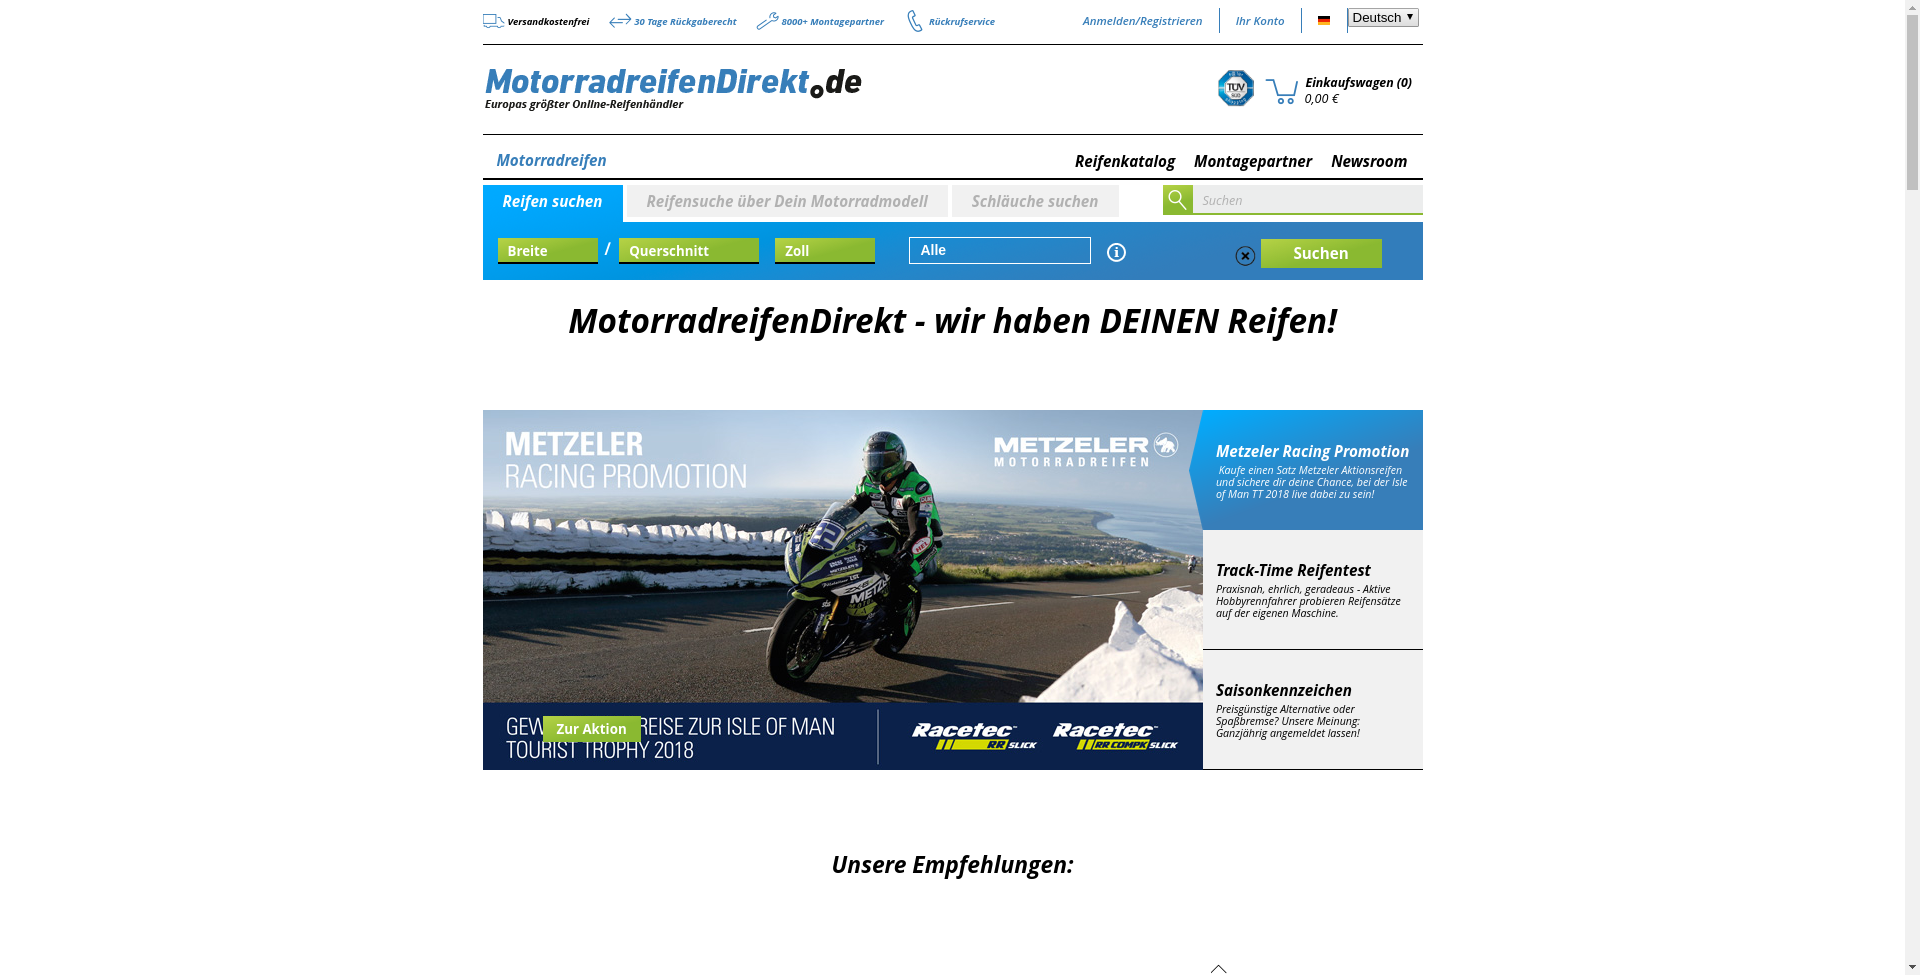 MotorradreifenDirekt.de